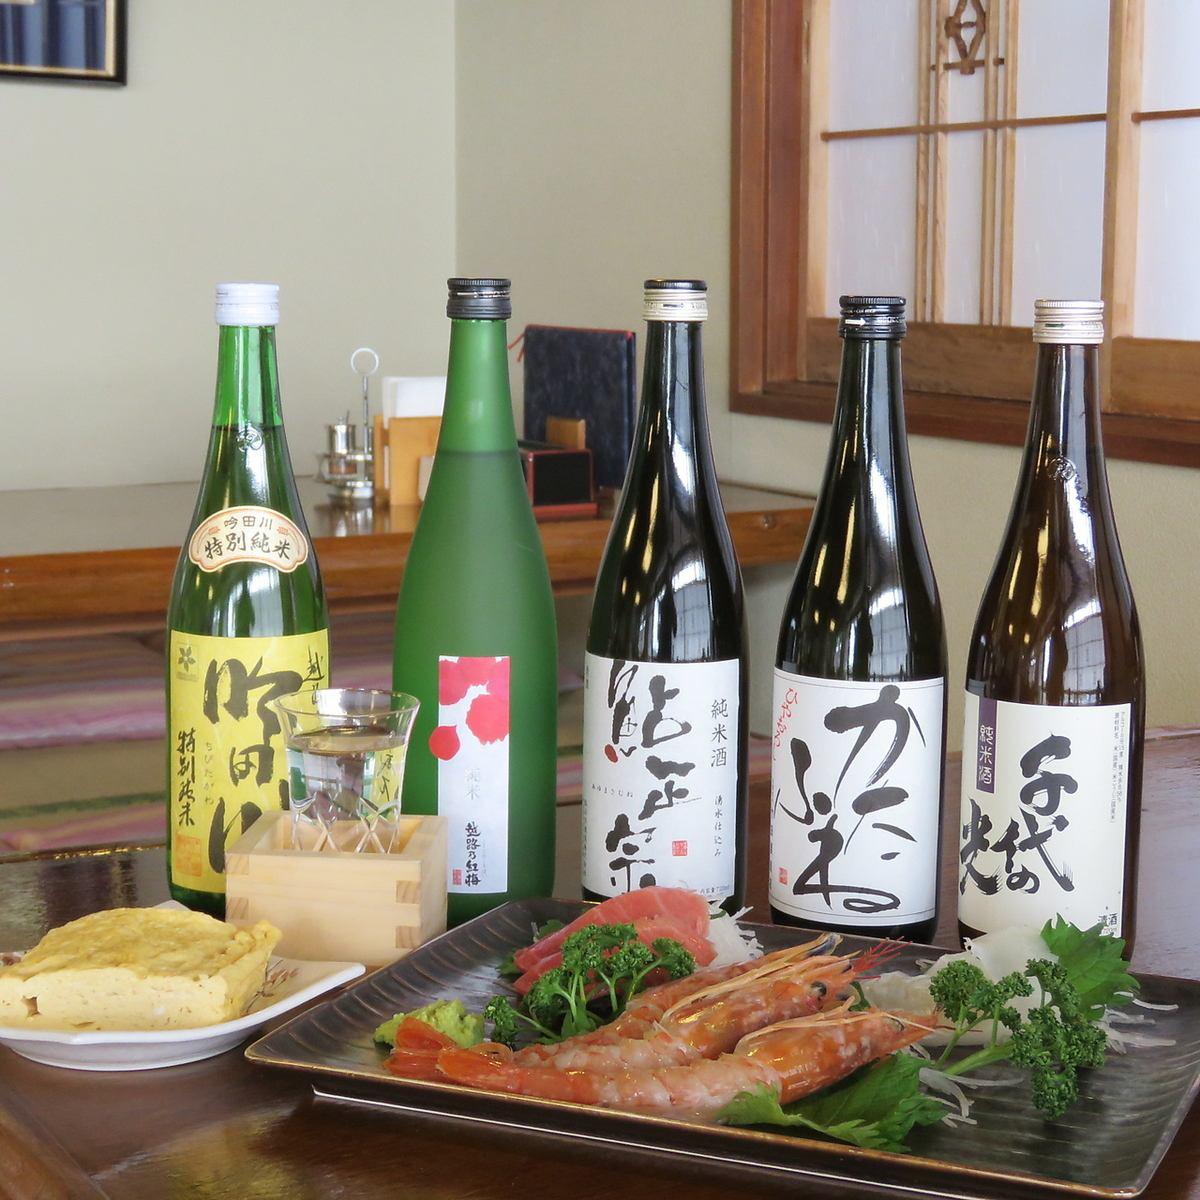 히가시 마츠야마의 전통 국 수집.맛있는 소바와 일본 술, 일품도 즐길 수 있습니다.